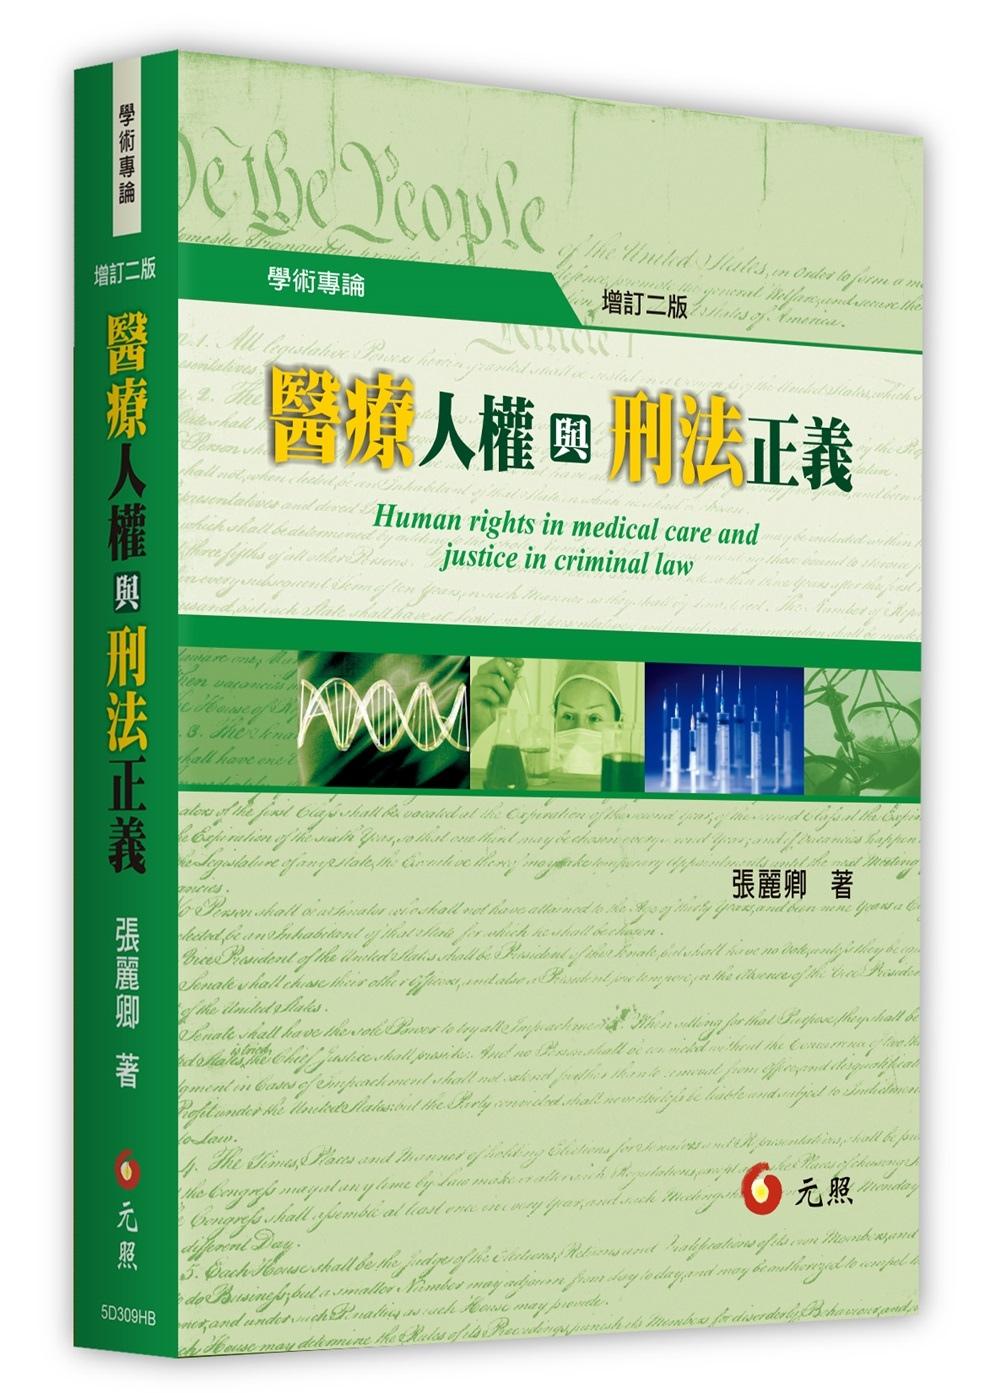 醫療人權與刑法正義(二版)